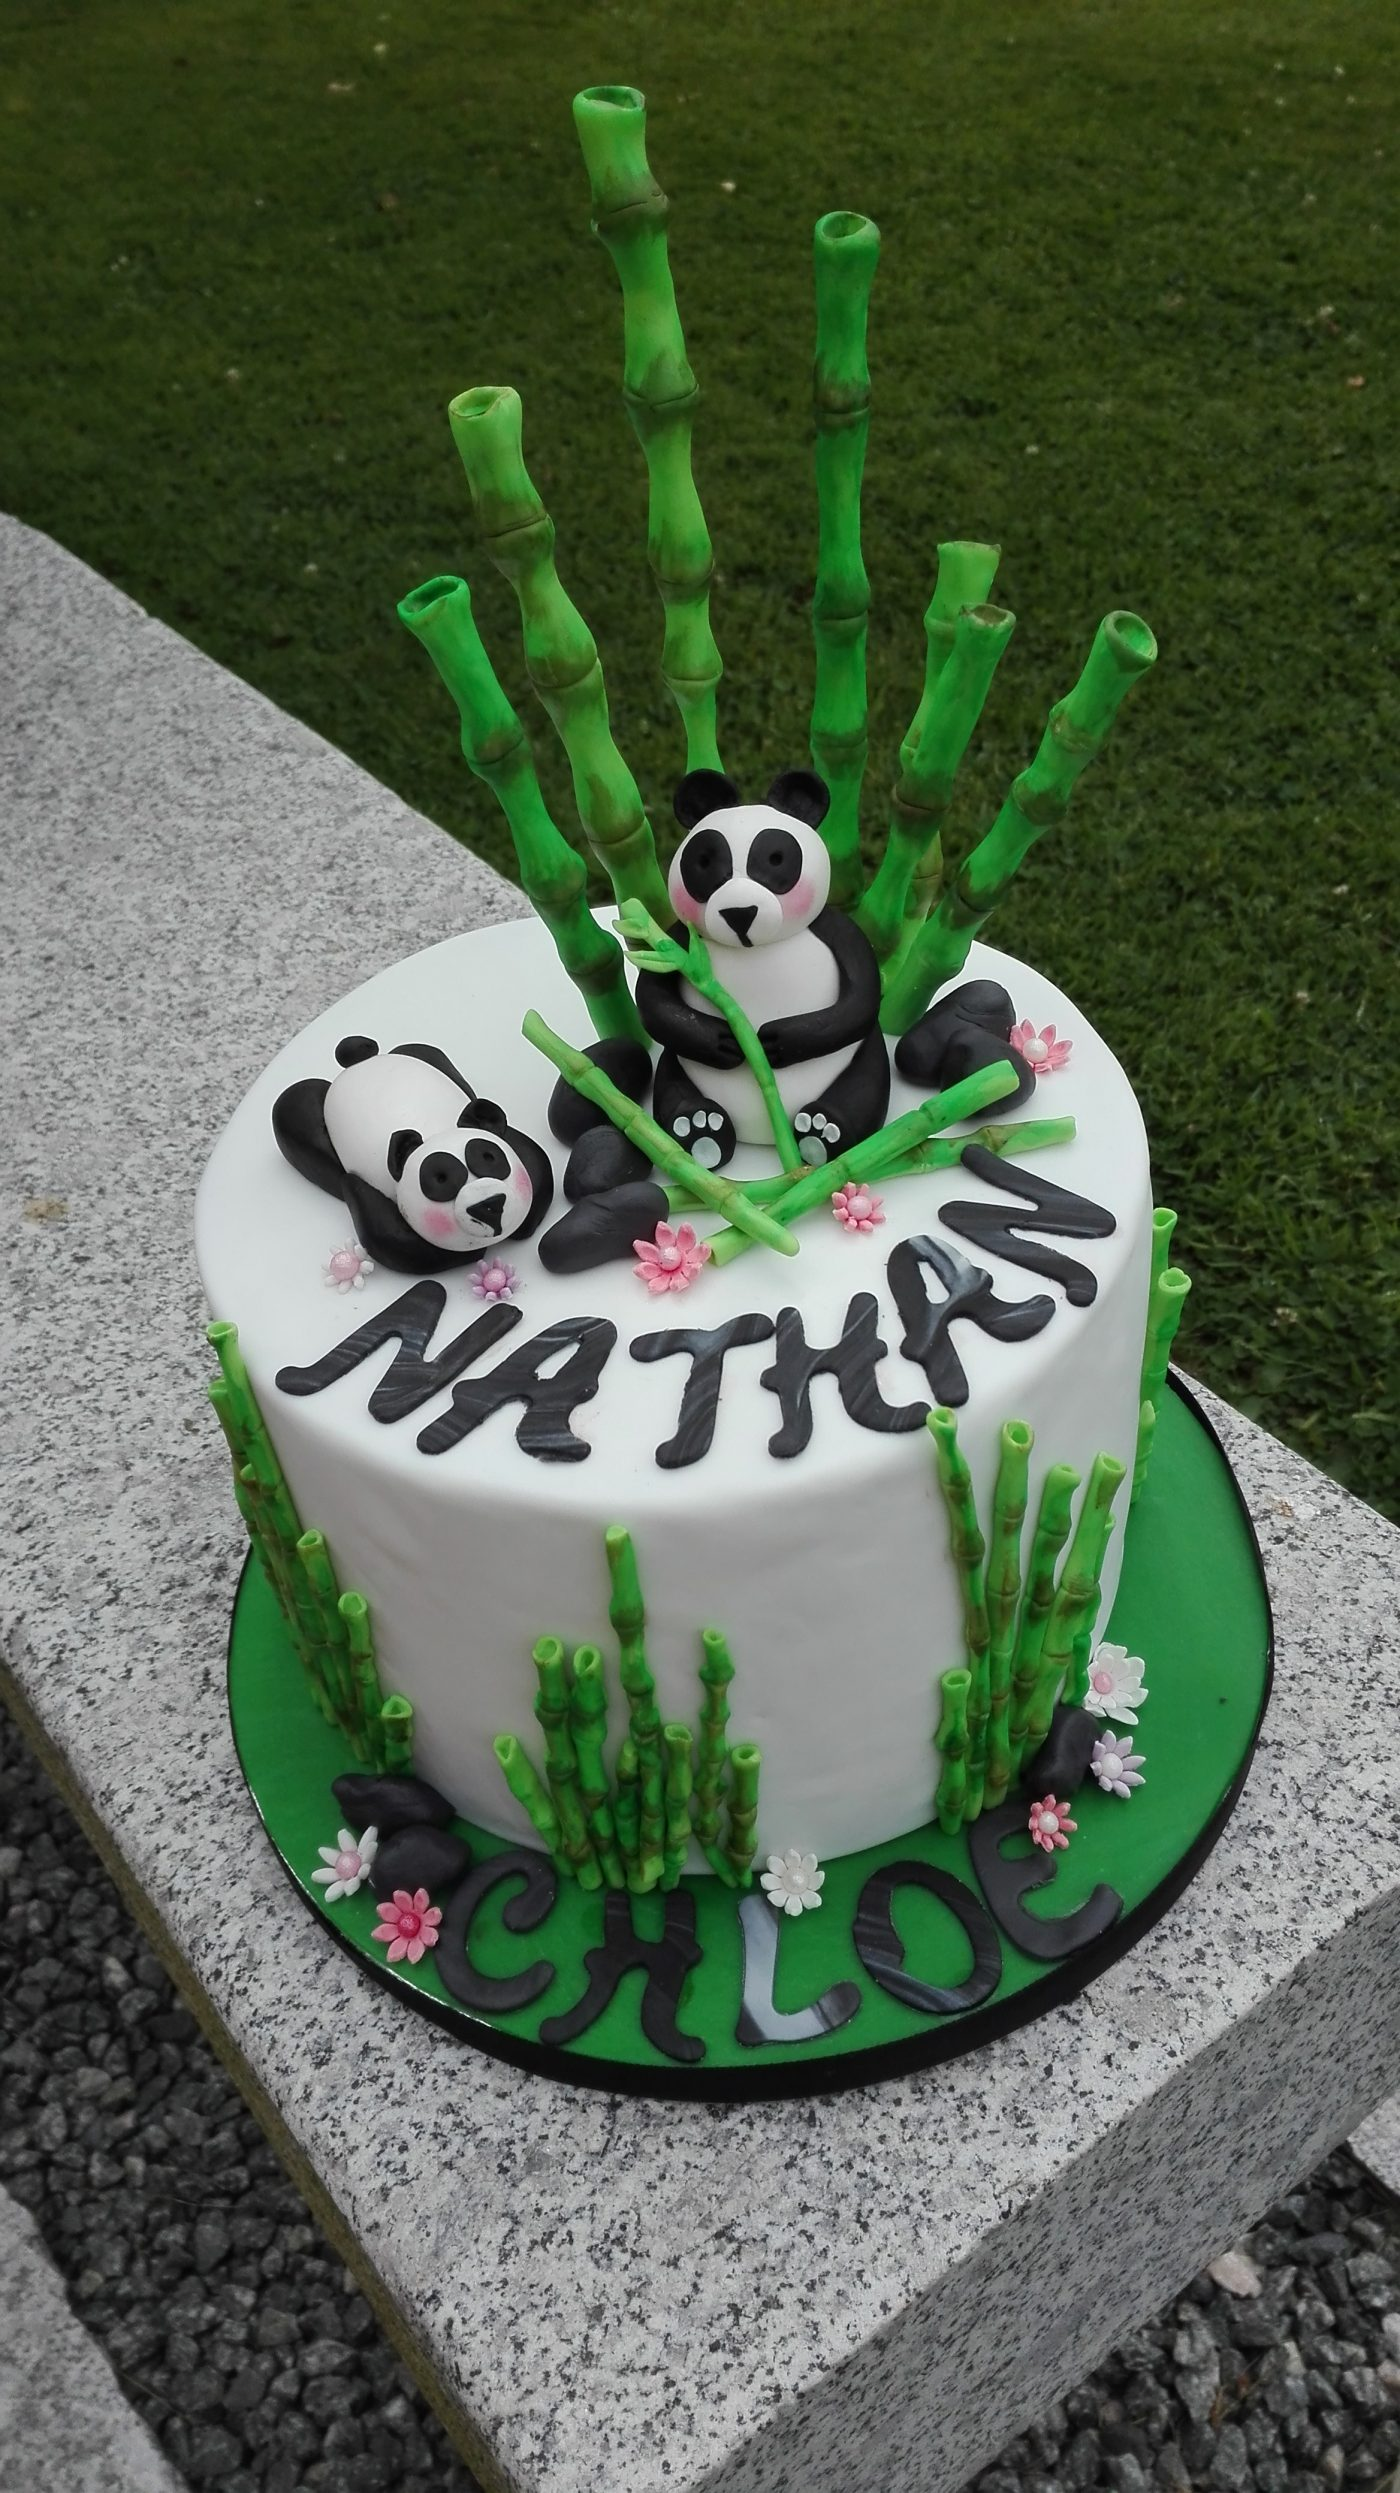 Mon petit panda concours cake design